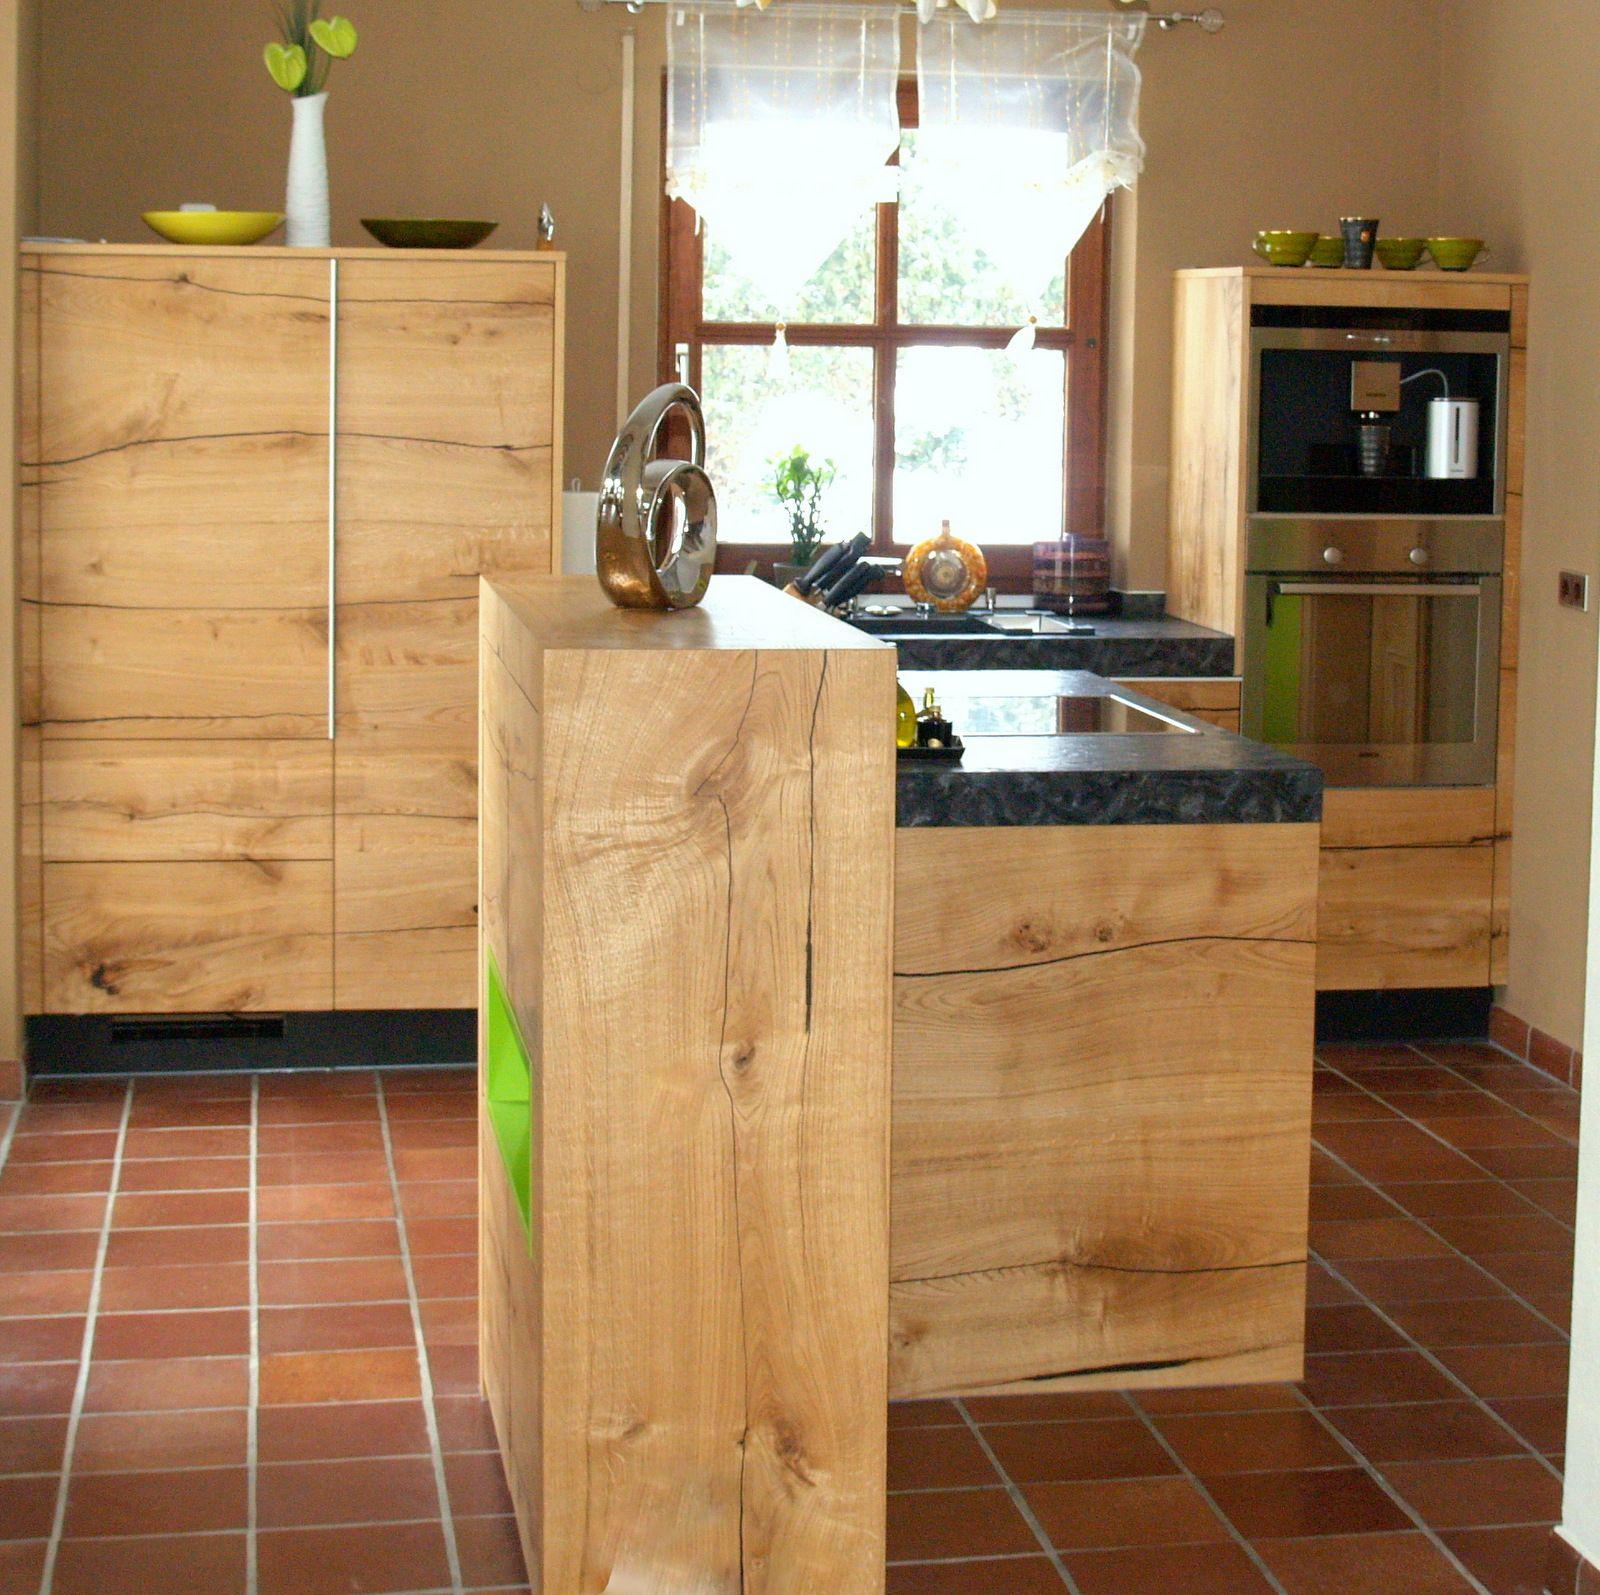 Full Size of Landhausküche Grün Kleine Kche Sofa Weisse Grau Küche Mintgrün Weiß Grünes Moderne Regal Gebraucht Wohnzimmer Landhausküche Grün